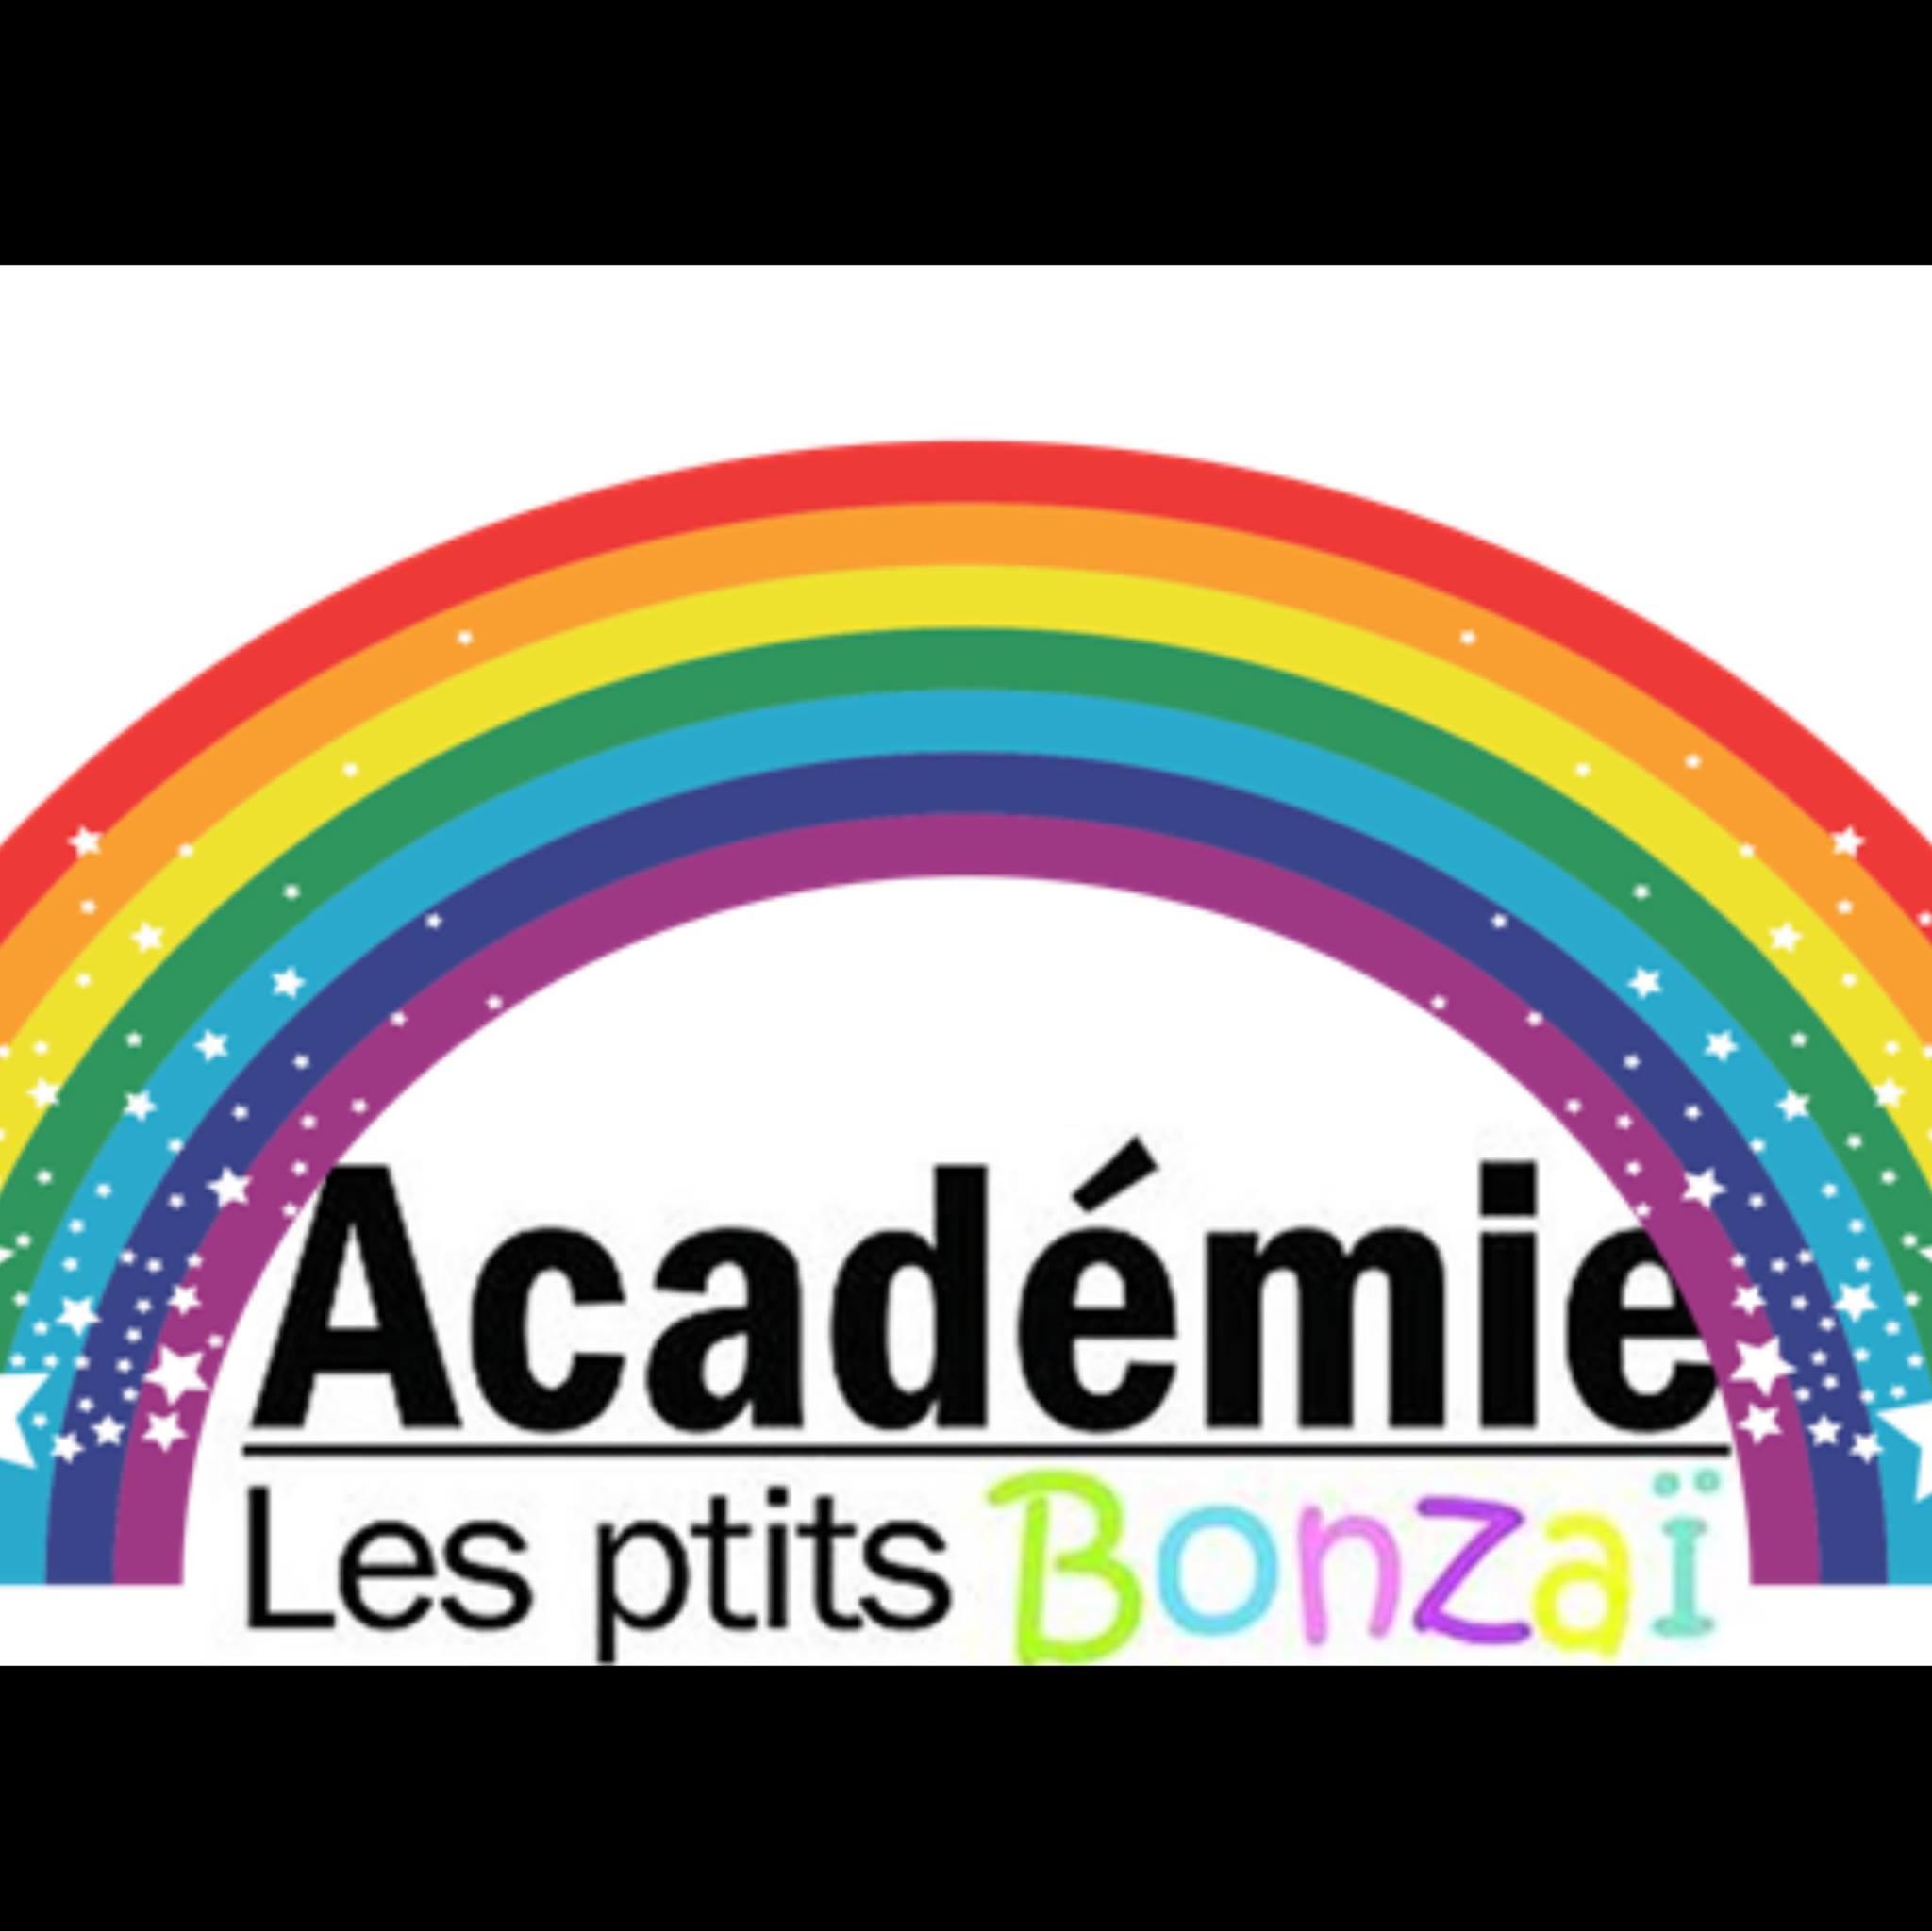 Académie les p'tits Bonzaï